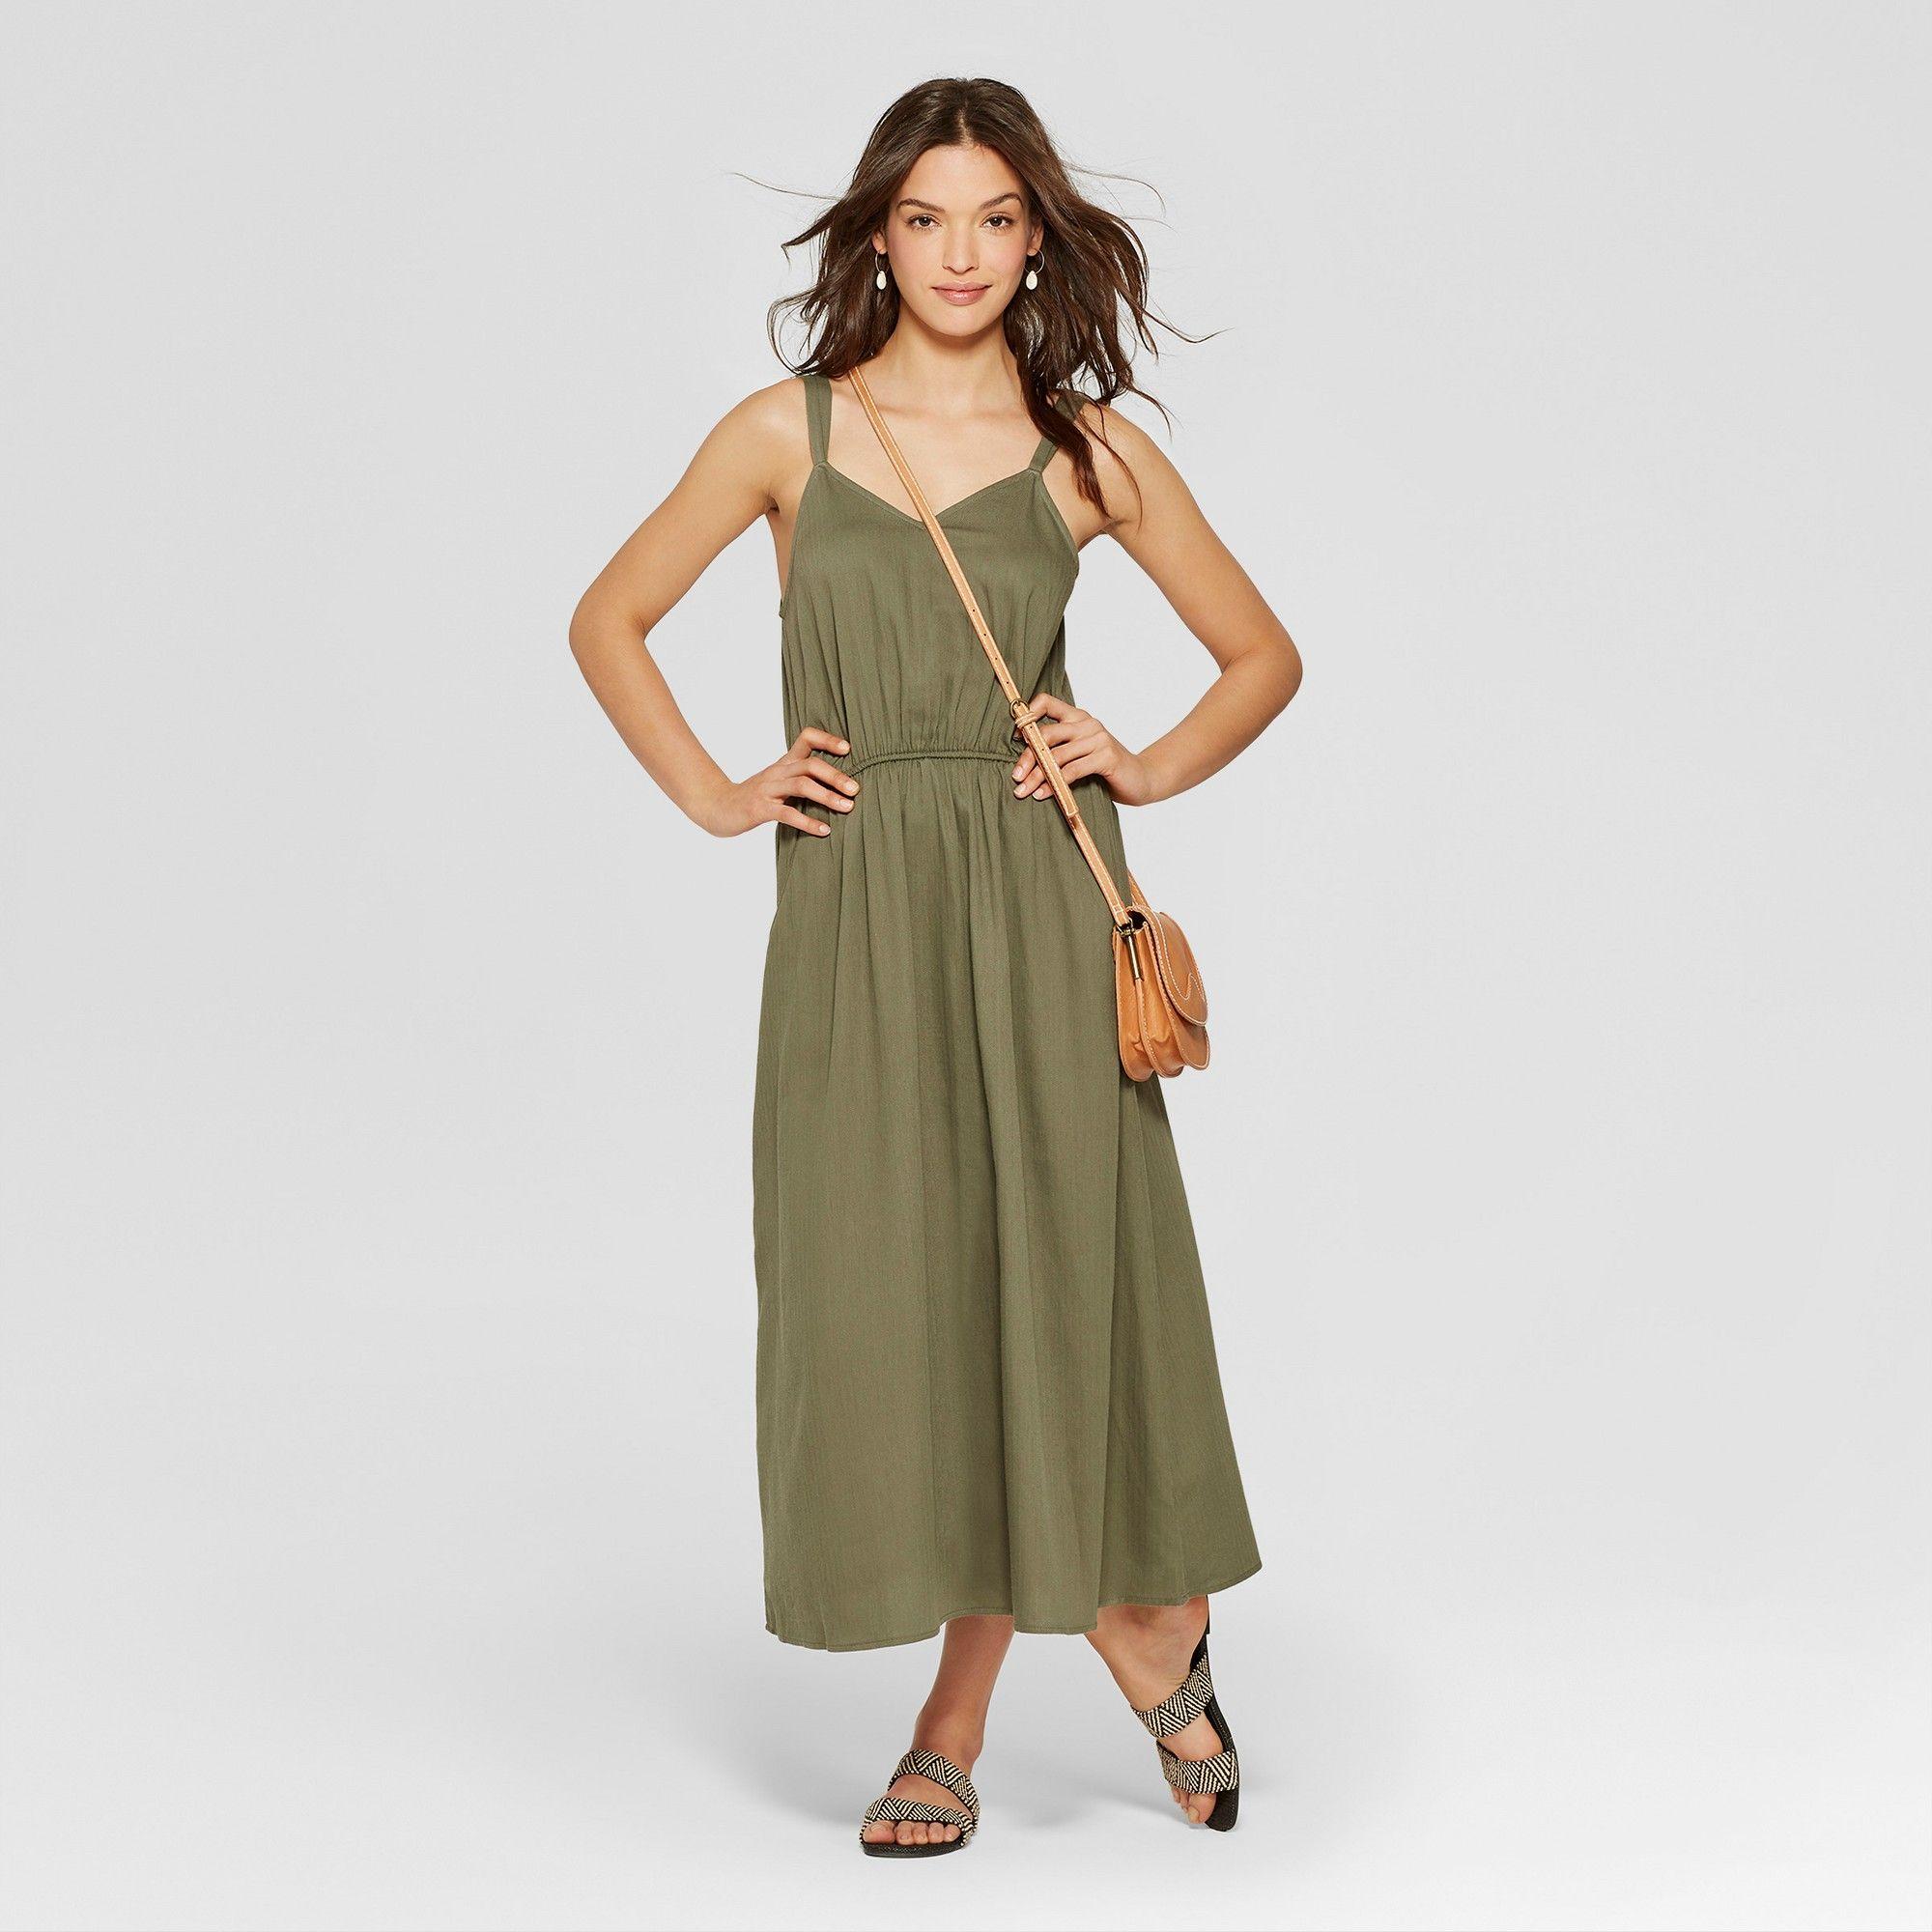 4f3c0d2aaf129 Women's Maxi Dress - Universal Thread Olive (Green) Xxl | Products ...